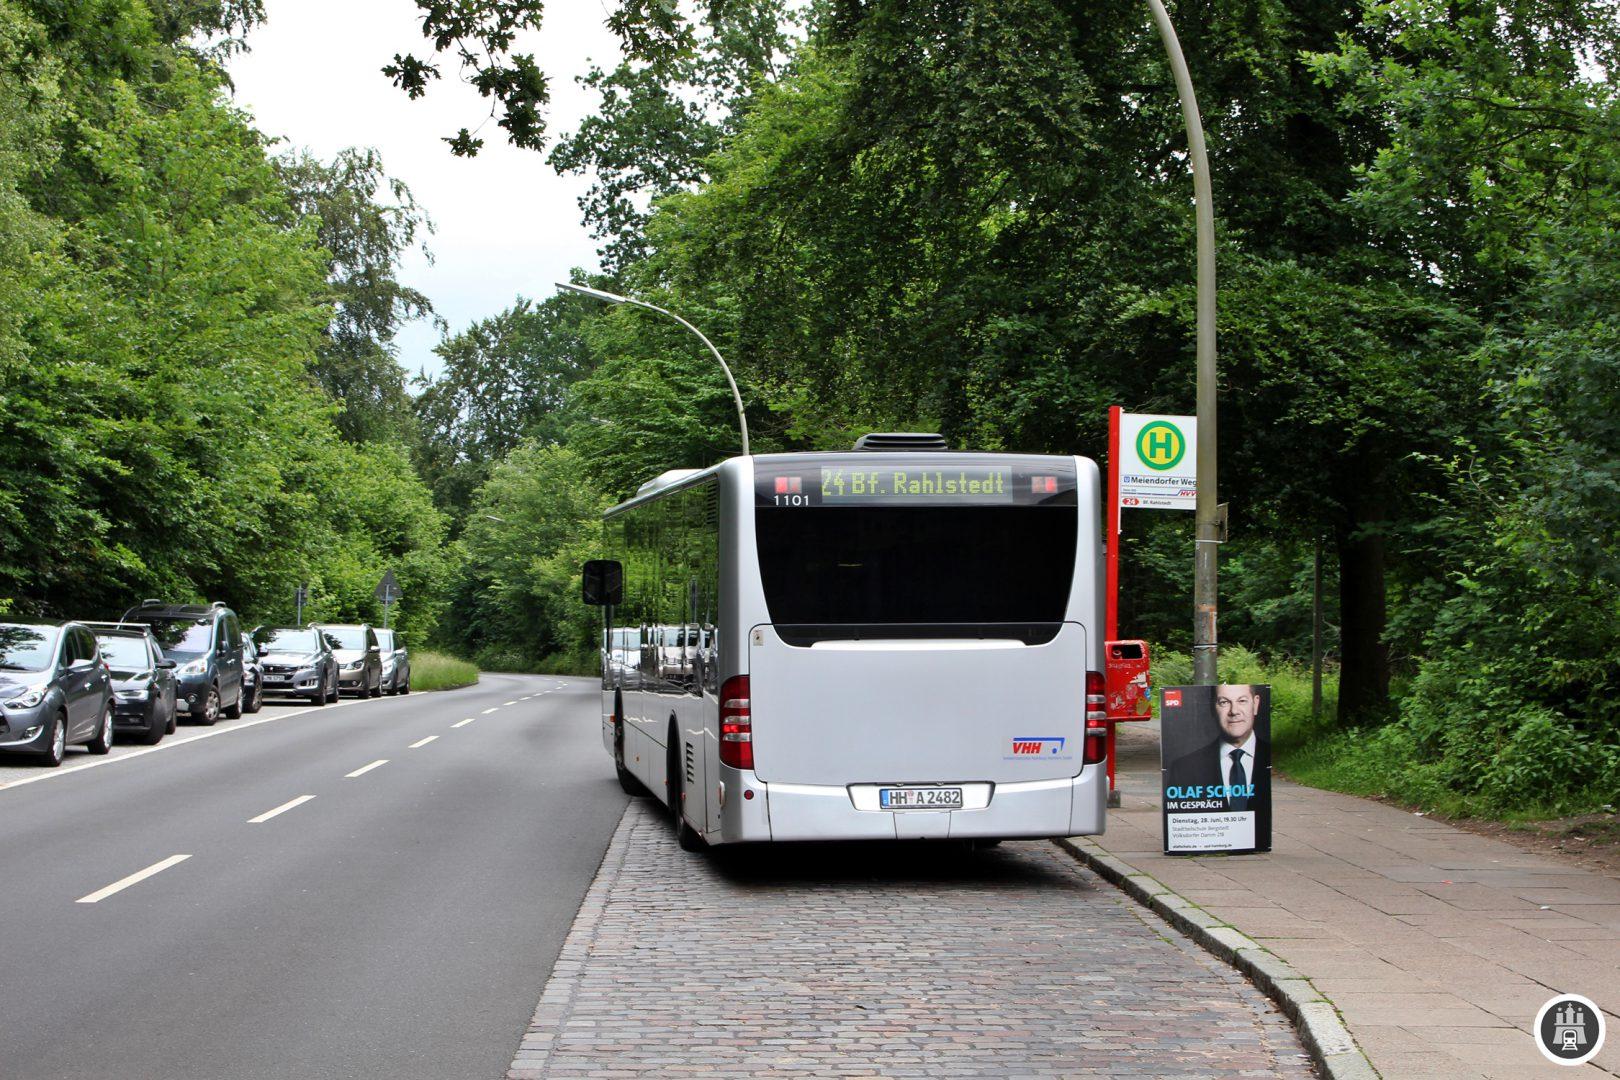 Der Bahnhof Meiendorfer Weg wurde zum Betriebsstart 1920 erst gar nicht bedient. Erst als die Hochbahn den Bahnhof 1925 testweise öffnete zeichnete sich ein so hoher Zuspruch ab, dass er bis heute durchgehend geöffnet blieb.